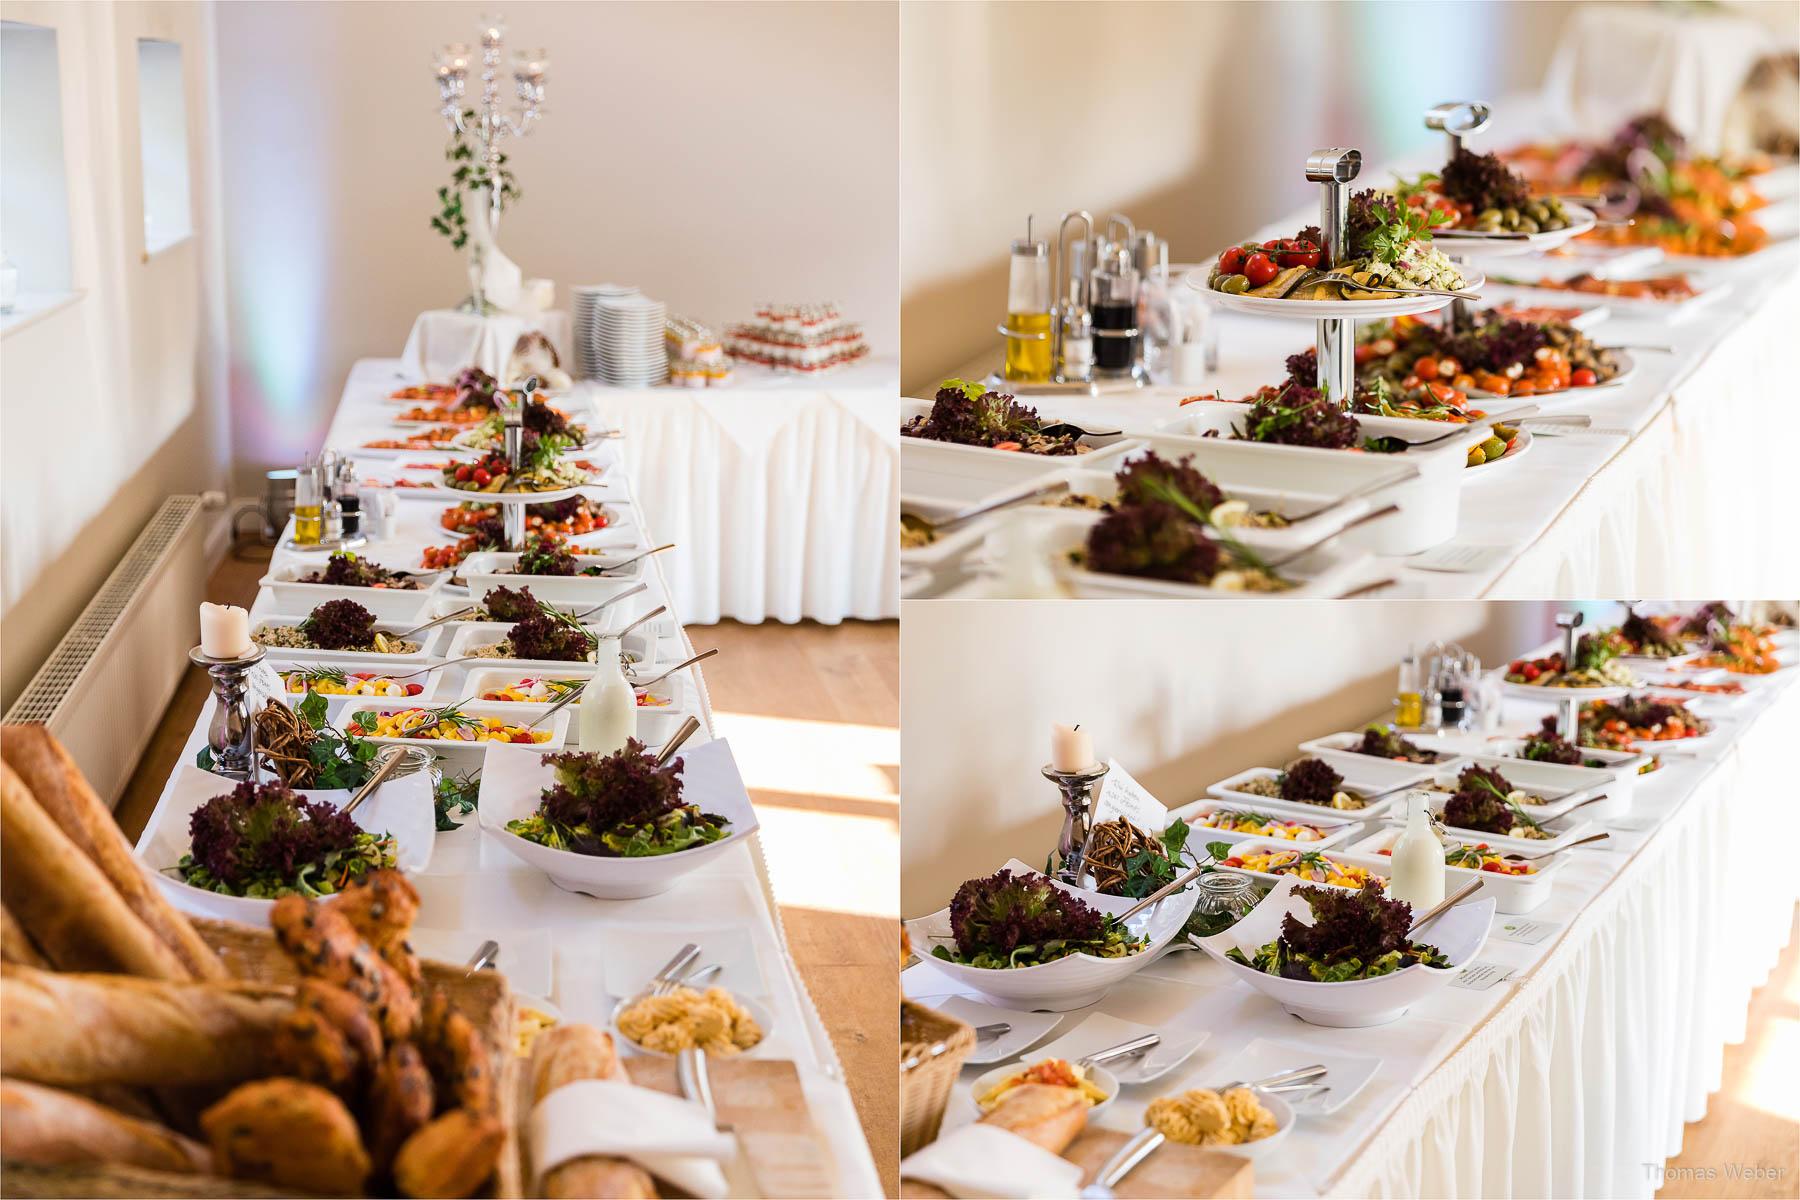 Das Essen auf der Hochzeitsfeier, Kirchliche Hochzeit in Rastede und Hochzeitsfeier in der Scheune St. Georg Rastede, Hochzeitsfotograf Thomas Weber aus Oldenburg